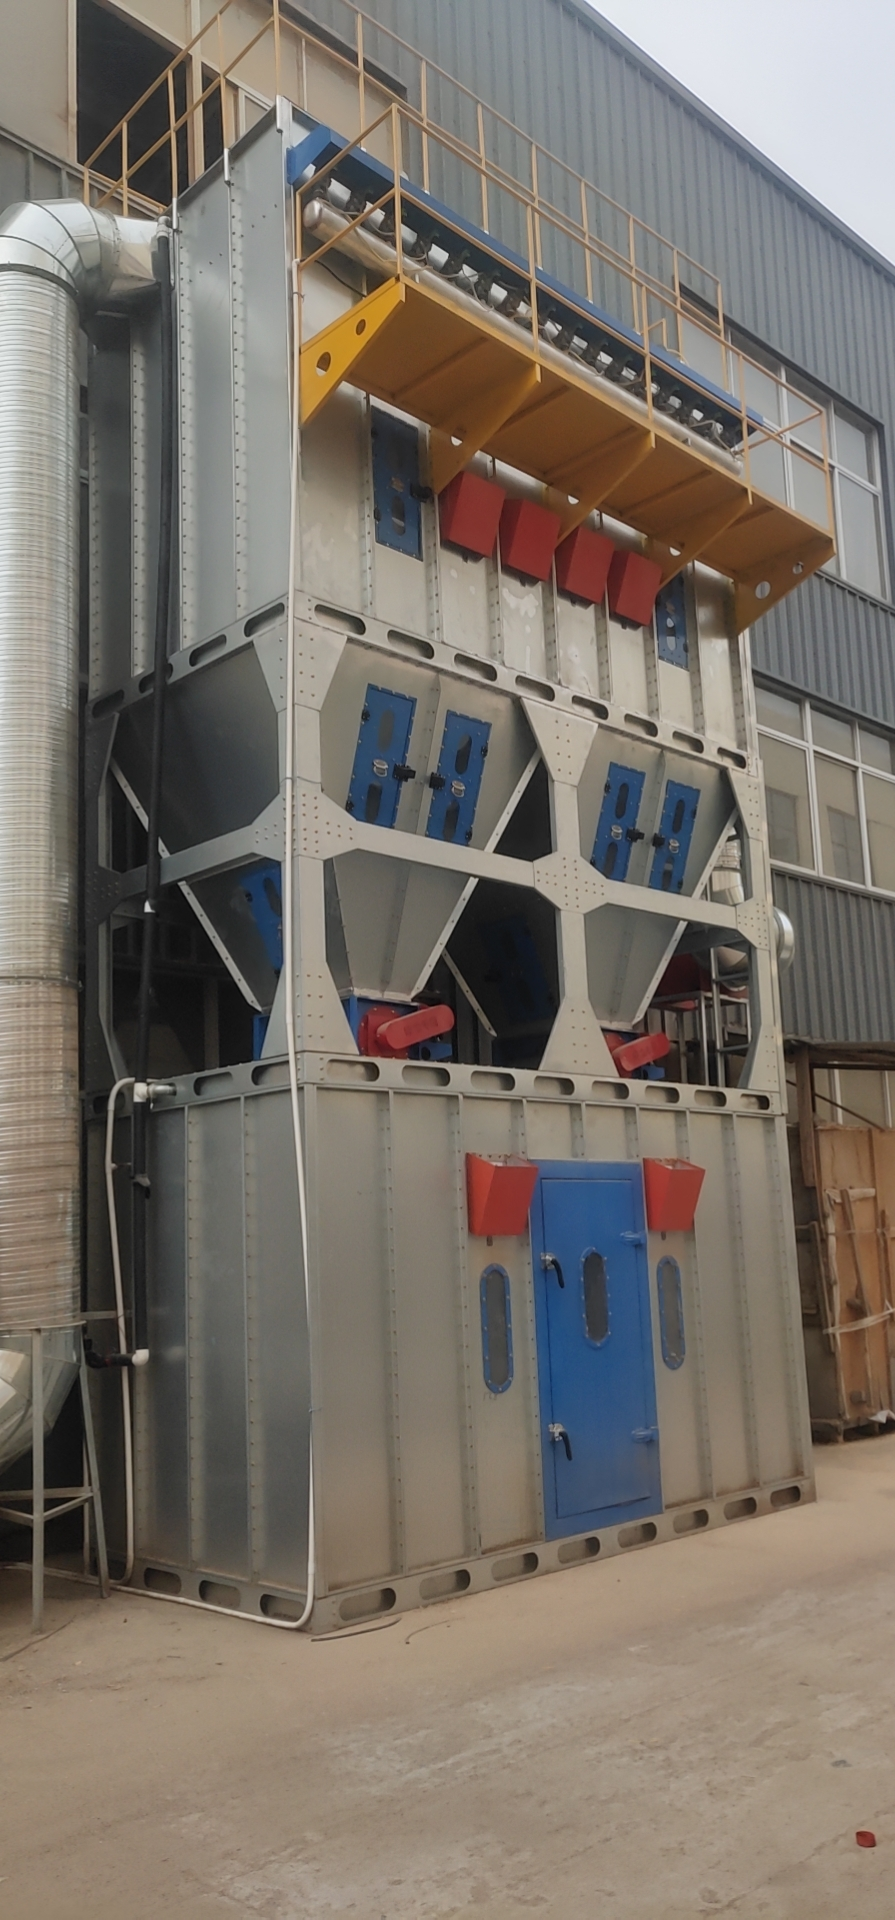 福建廢氣除塵設備生產廠家_除塵器除塵設備相關-山東歐銘環保設備有限公司